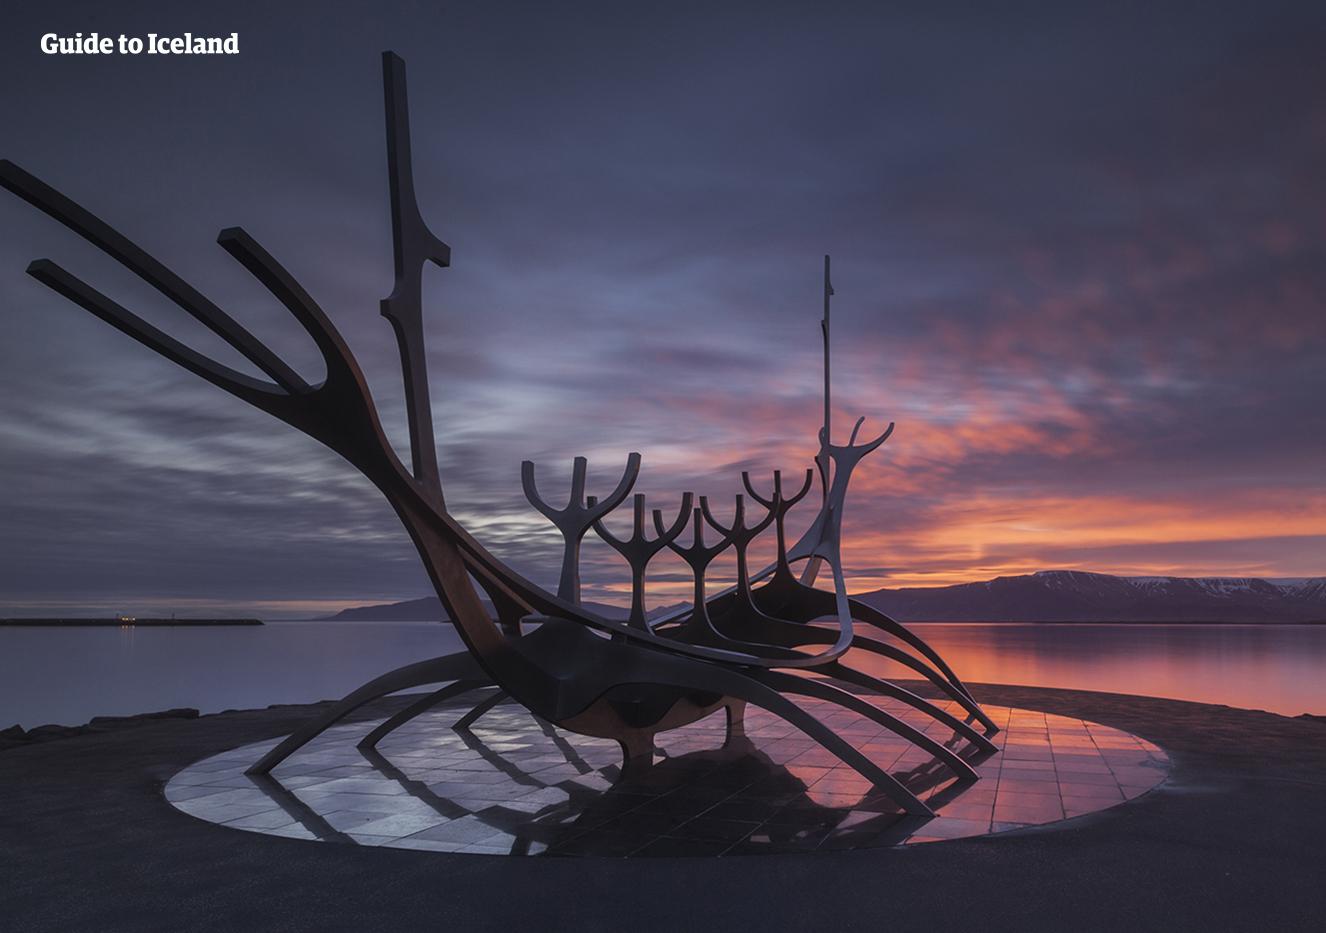 Ostatnie promienie letniego słońca nad górą Esja, tuż za miastem Reykjavík.